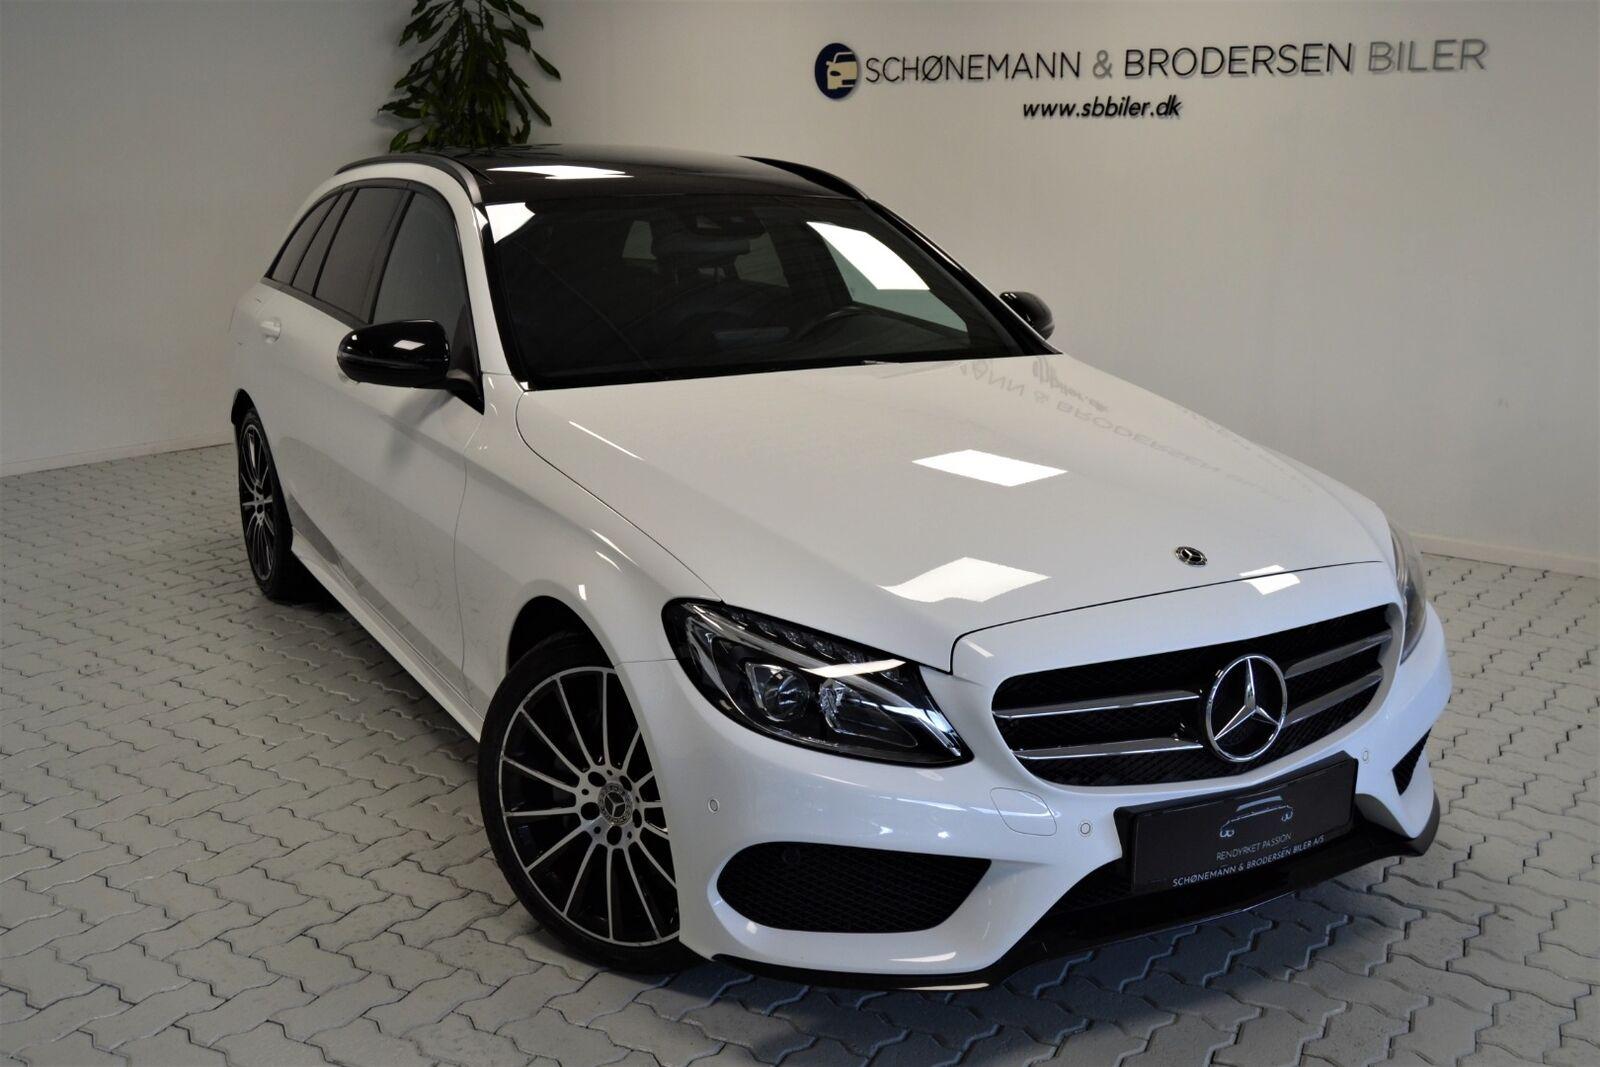 Mercedes C220 d 2,2 AMG Line stc. aut. 4-M 5d - 419.900 kr.